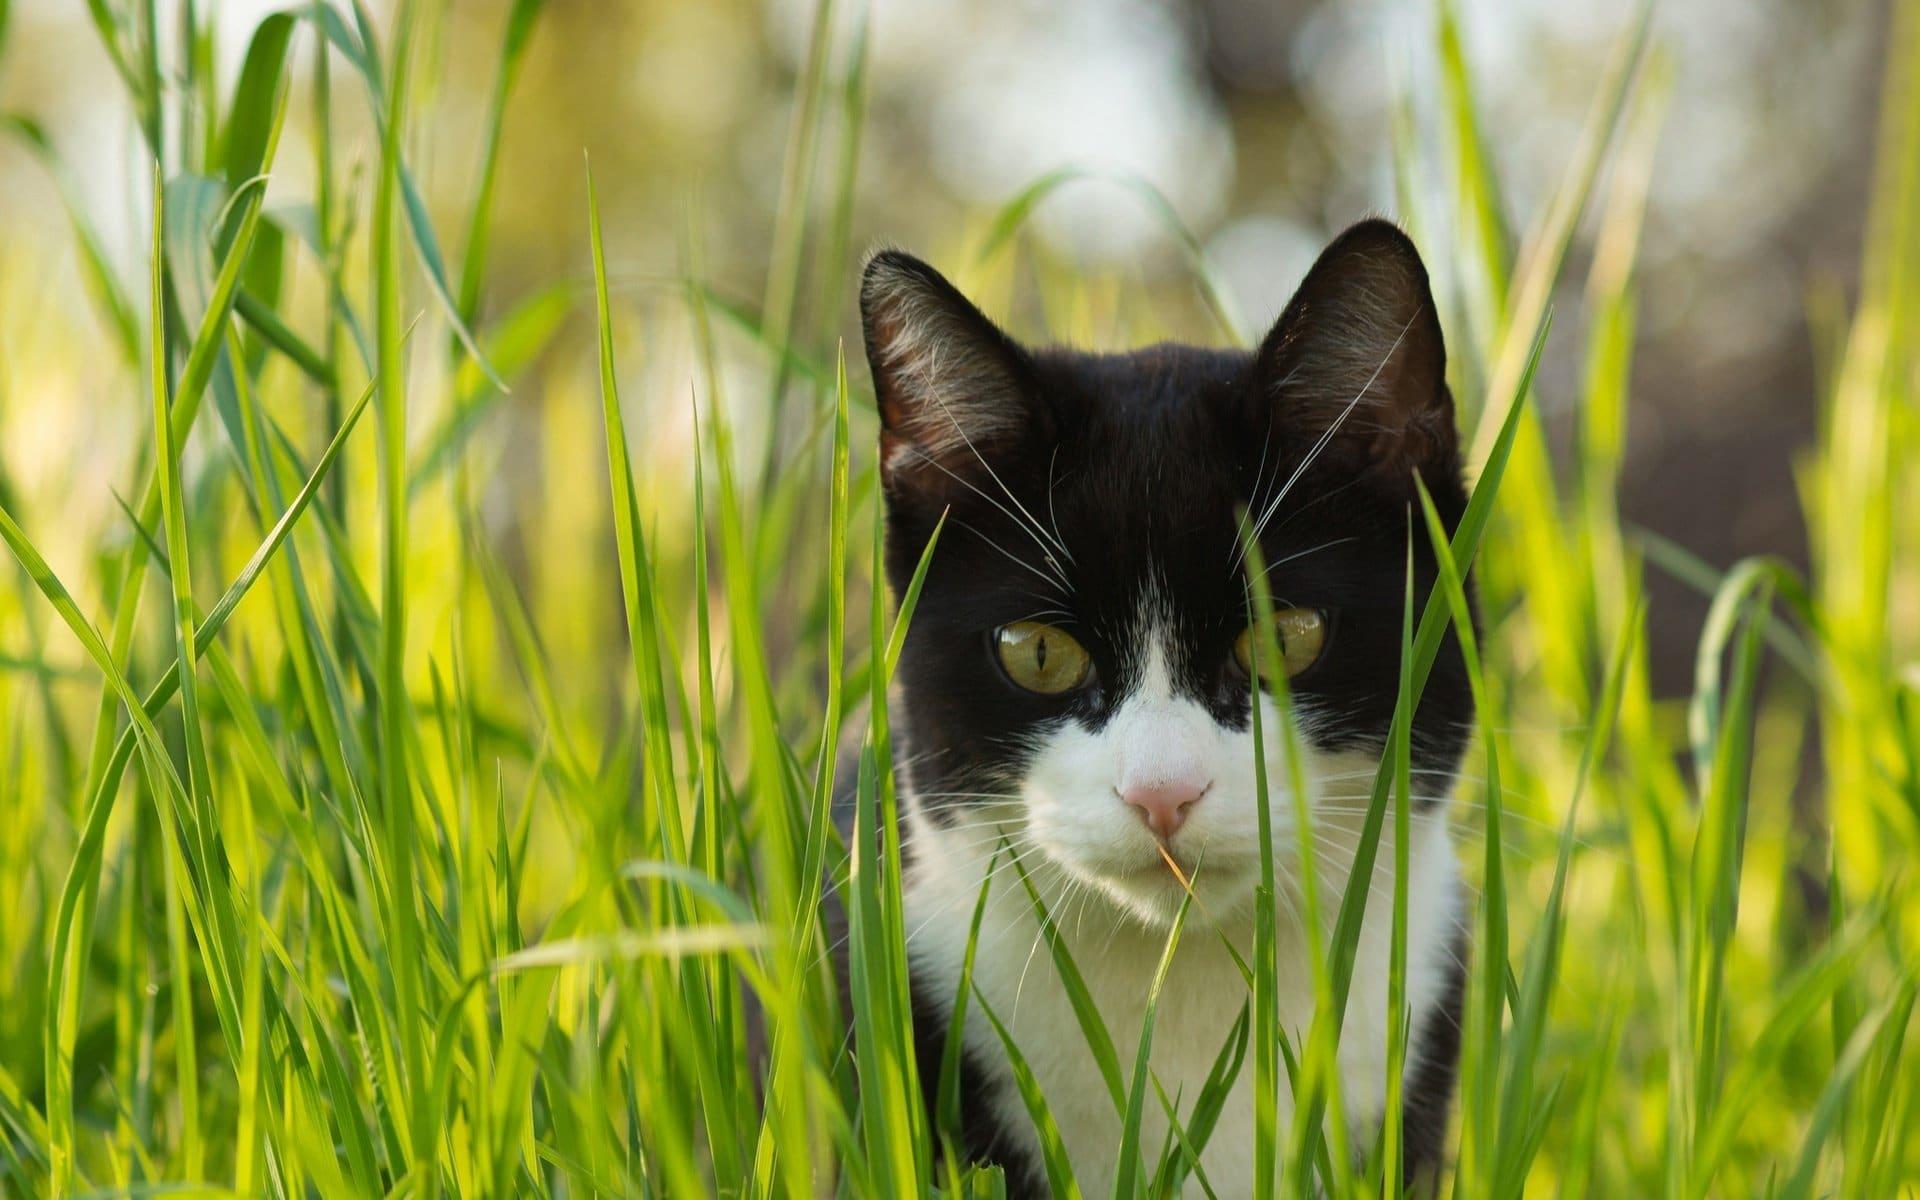 El vómito puede ayudar al gato a seguir adelante